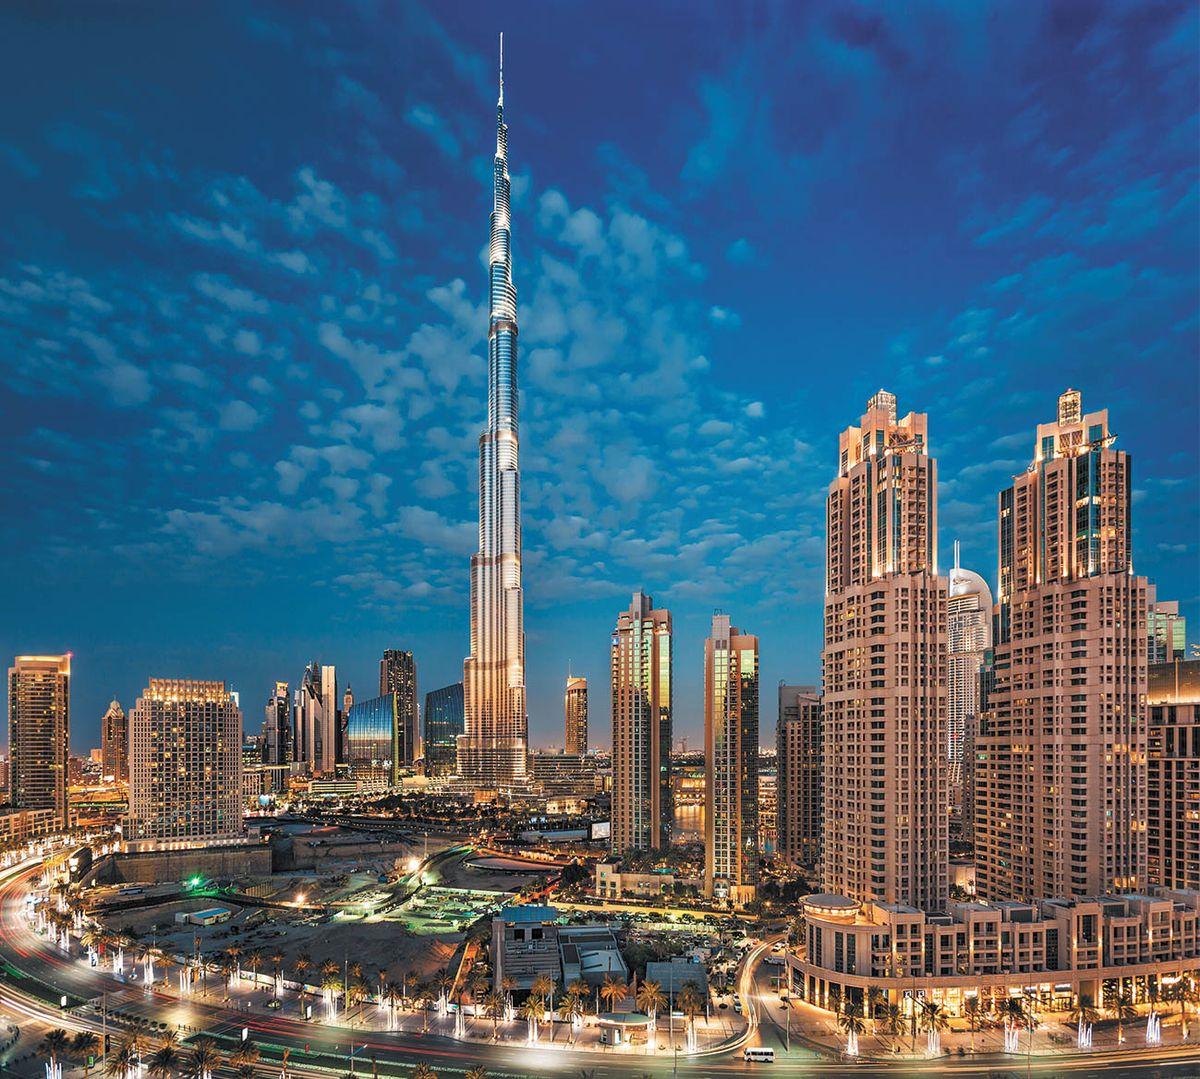 Дубаи картинки высокого качества